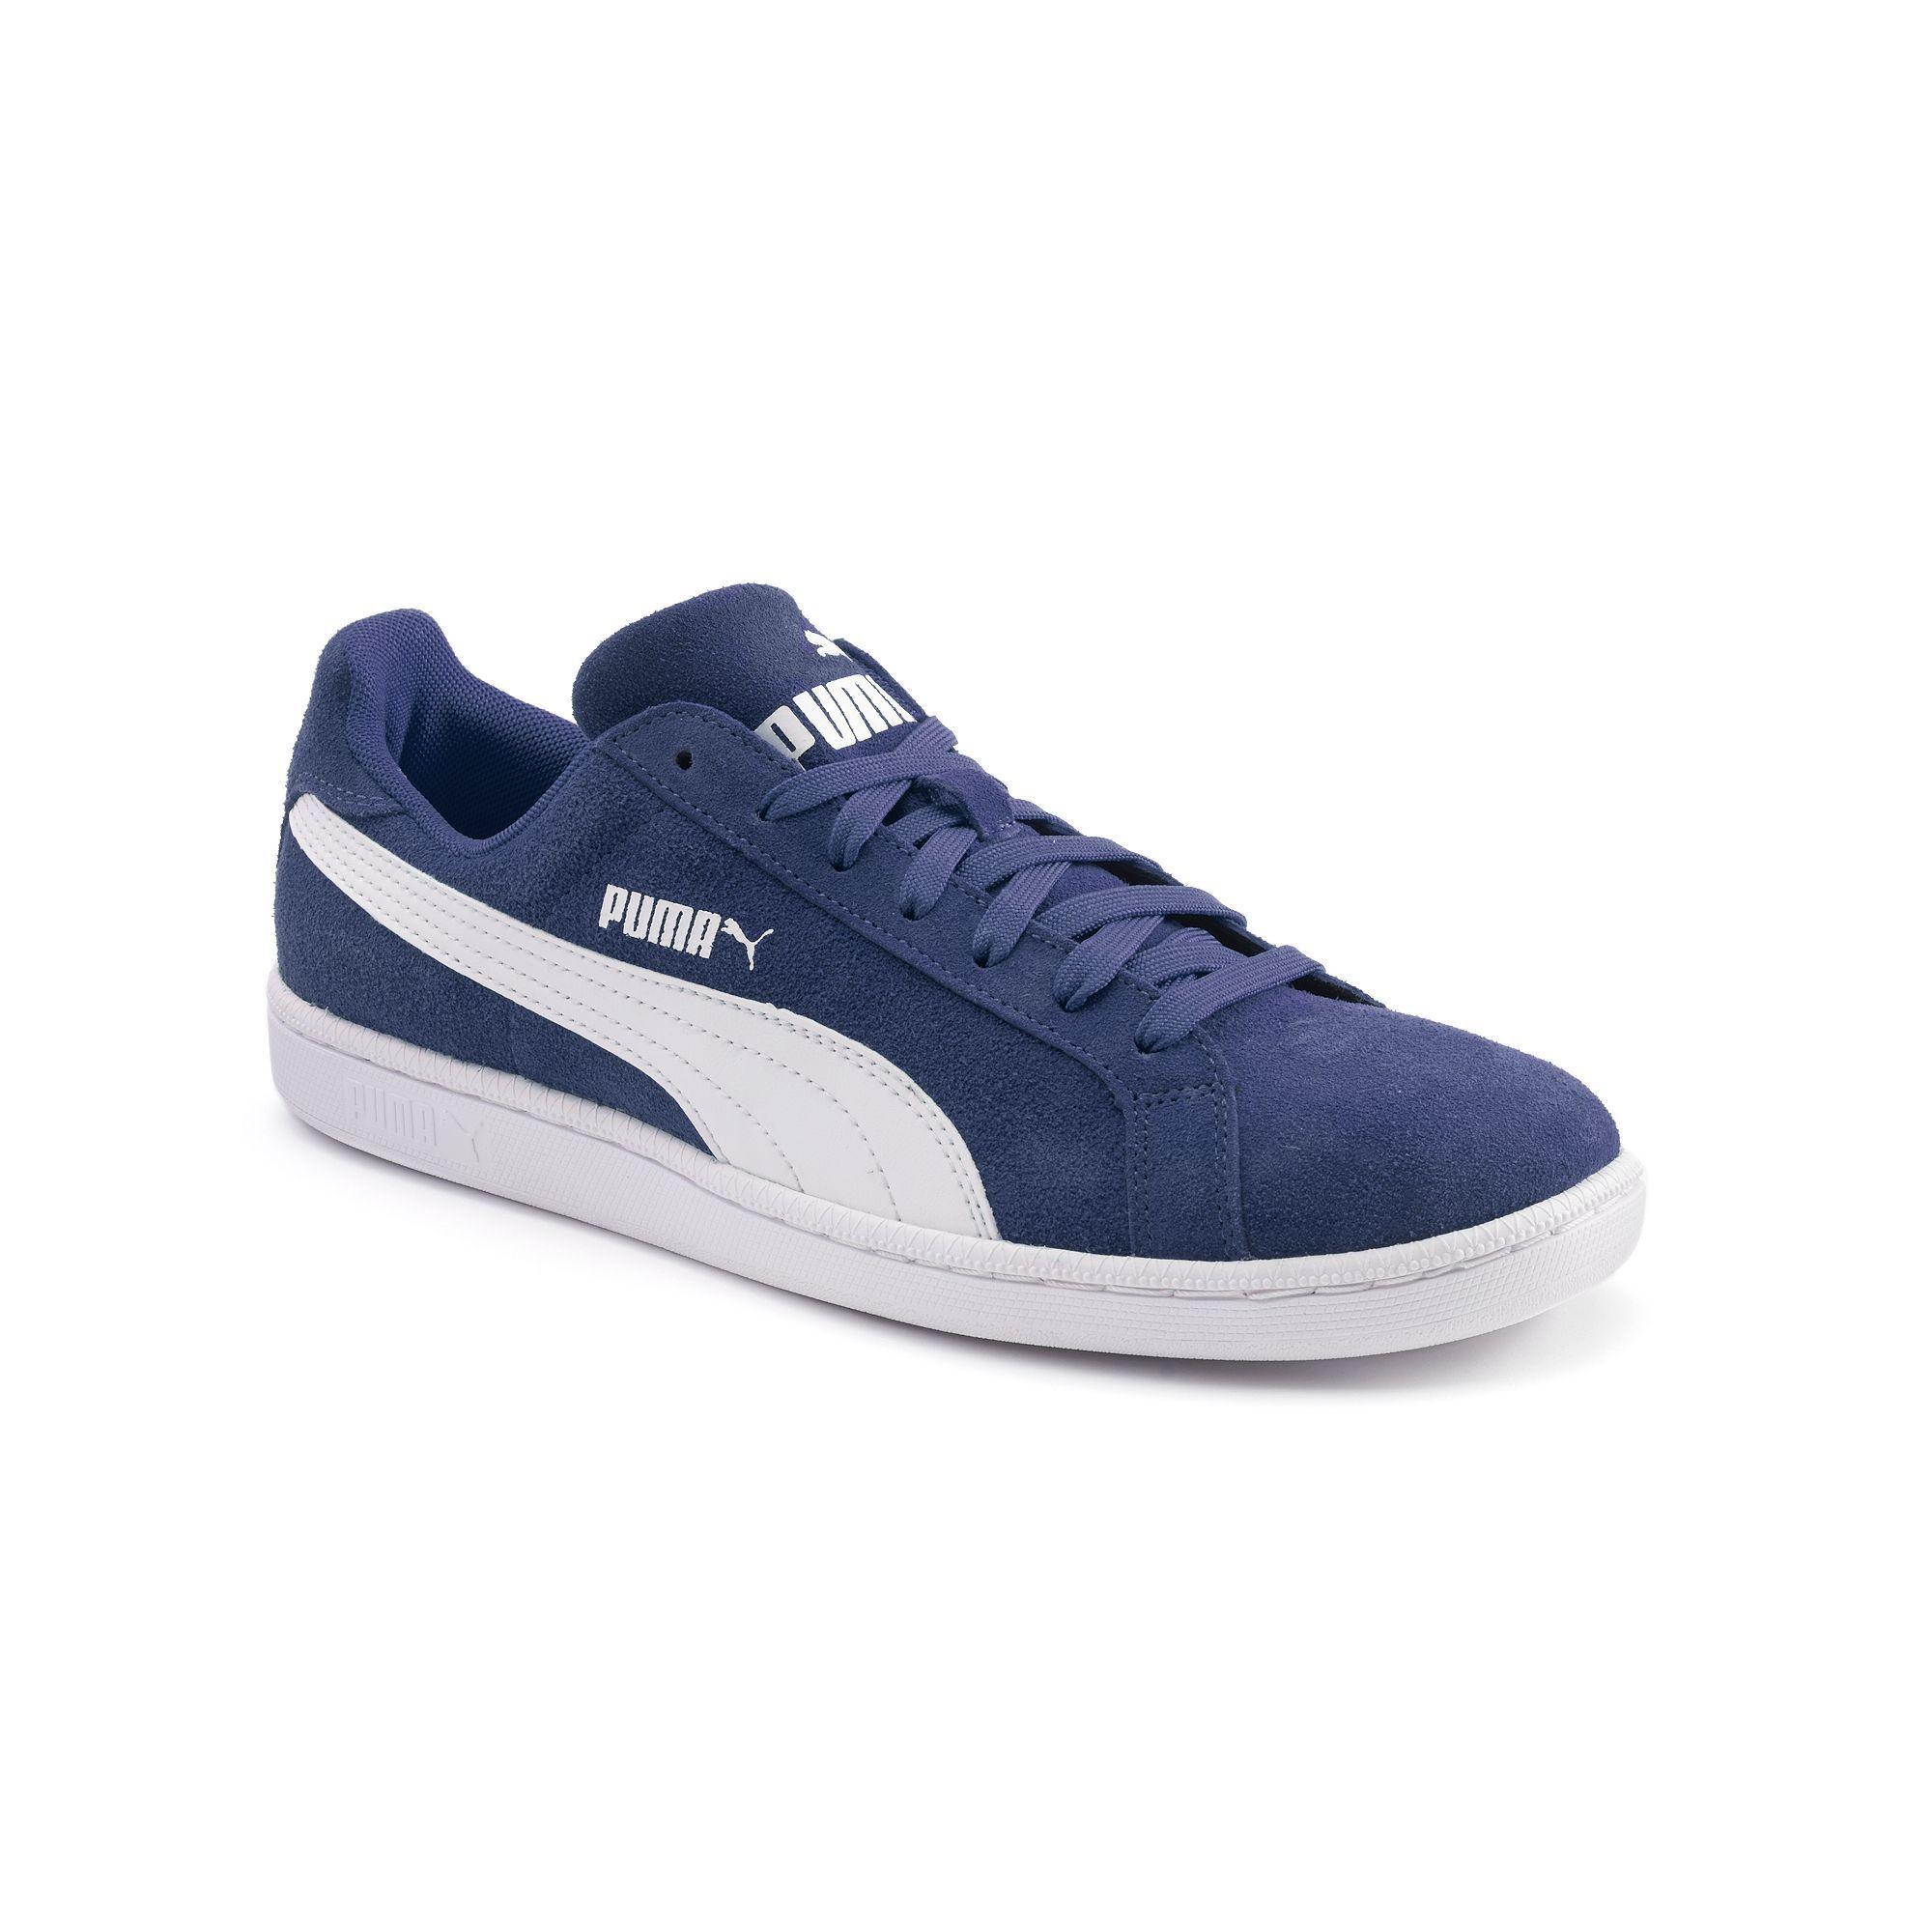 premium selection 4f2f3 0d616 PUMA Smash Men's Suede Shoes | Products | Shoes, Suede shoes ...